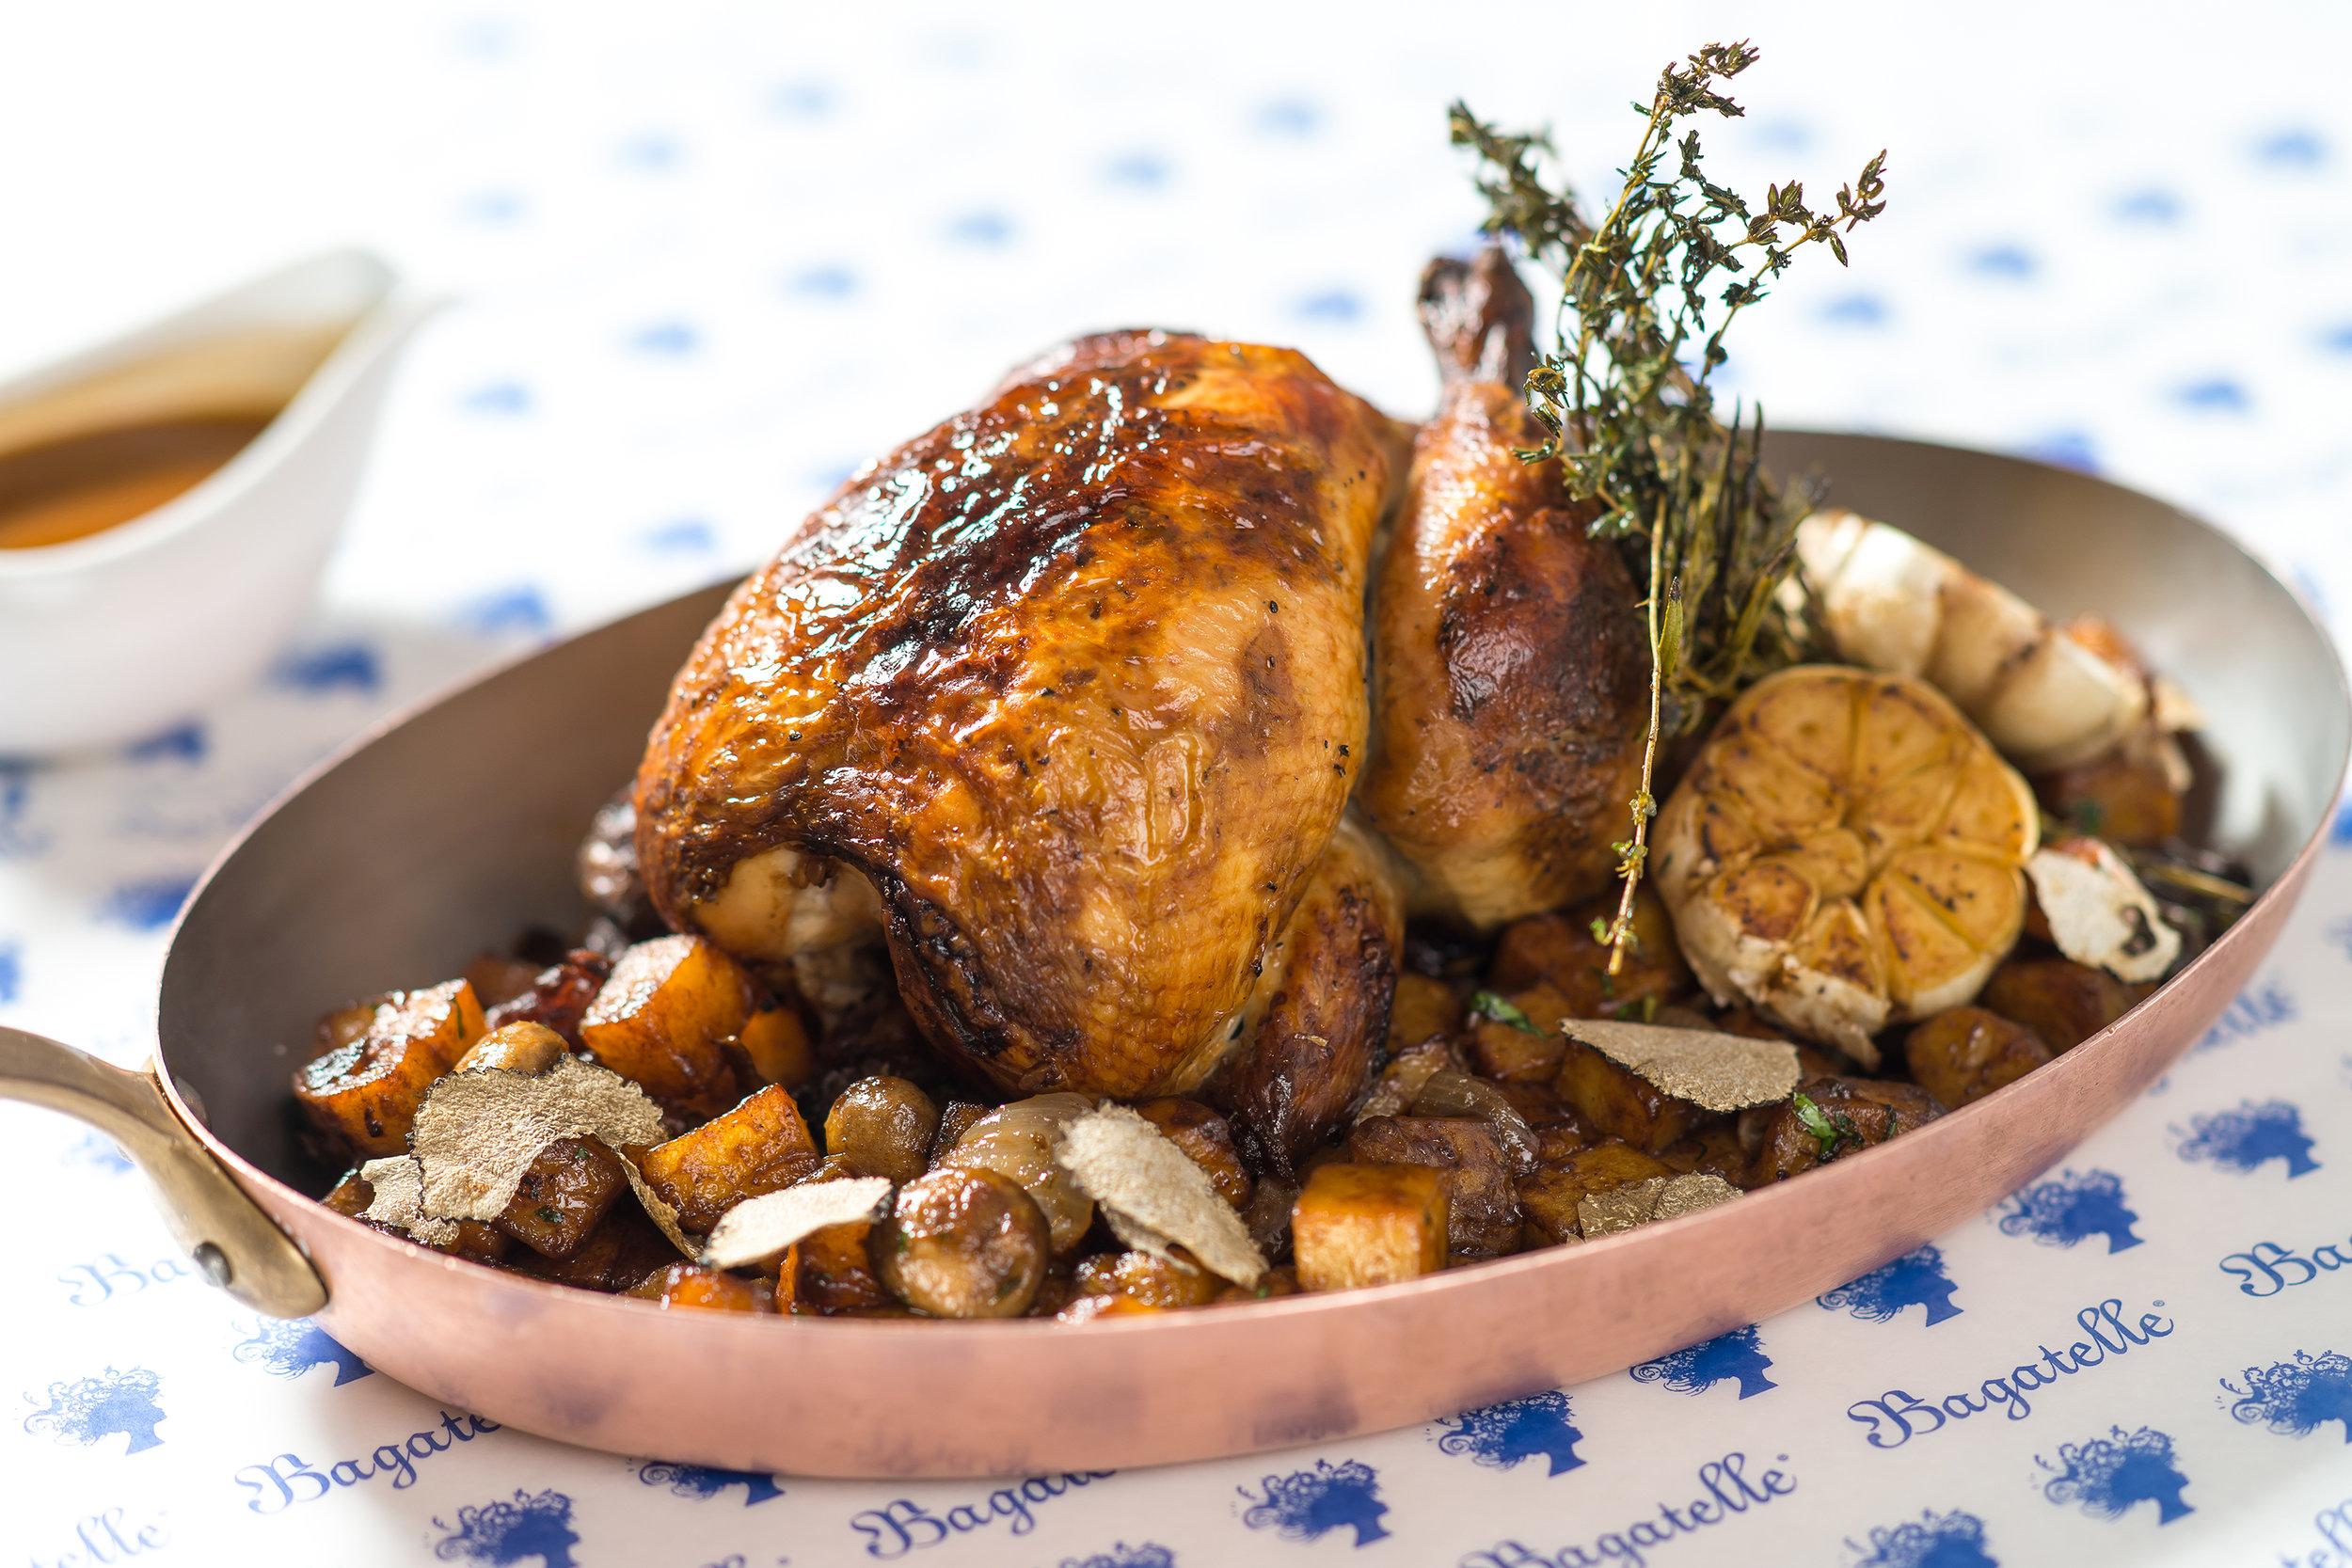 Bagatelle Miami Beach Poulet Roti Entier Truffled Chicken